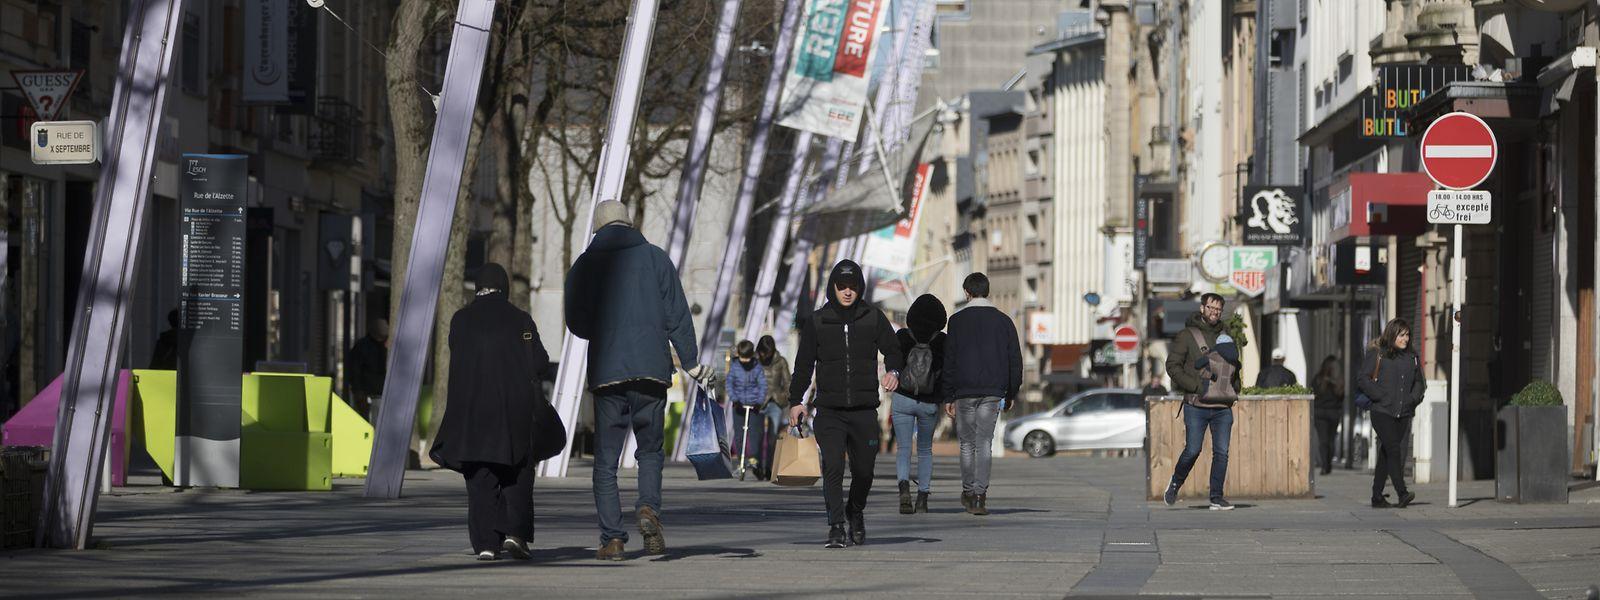 Ausgestorben sieht anders aus. Am Montagabend waren in der Escher Rue de l'Alzette relativ viel Leute unterwegs.